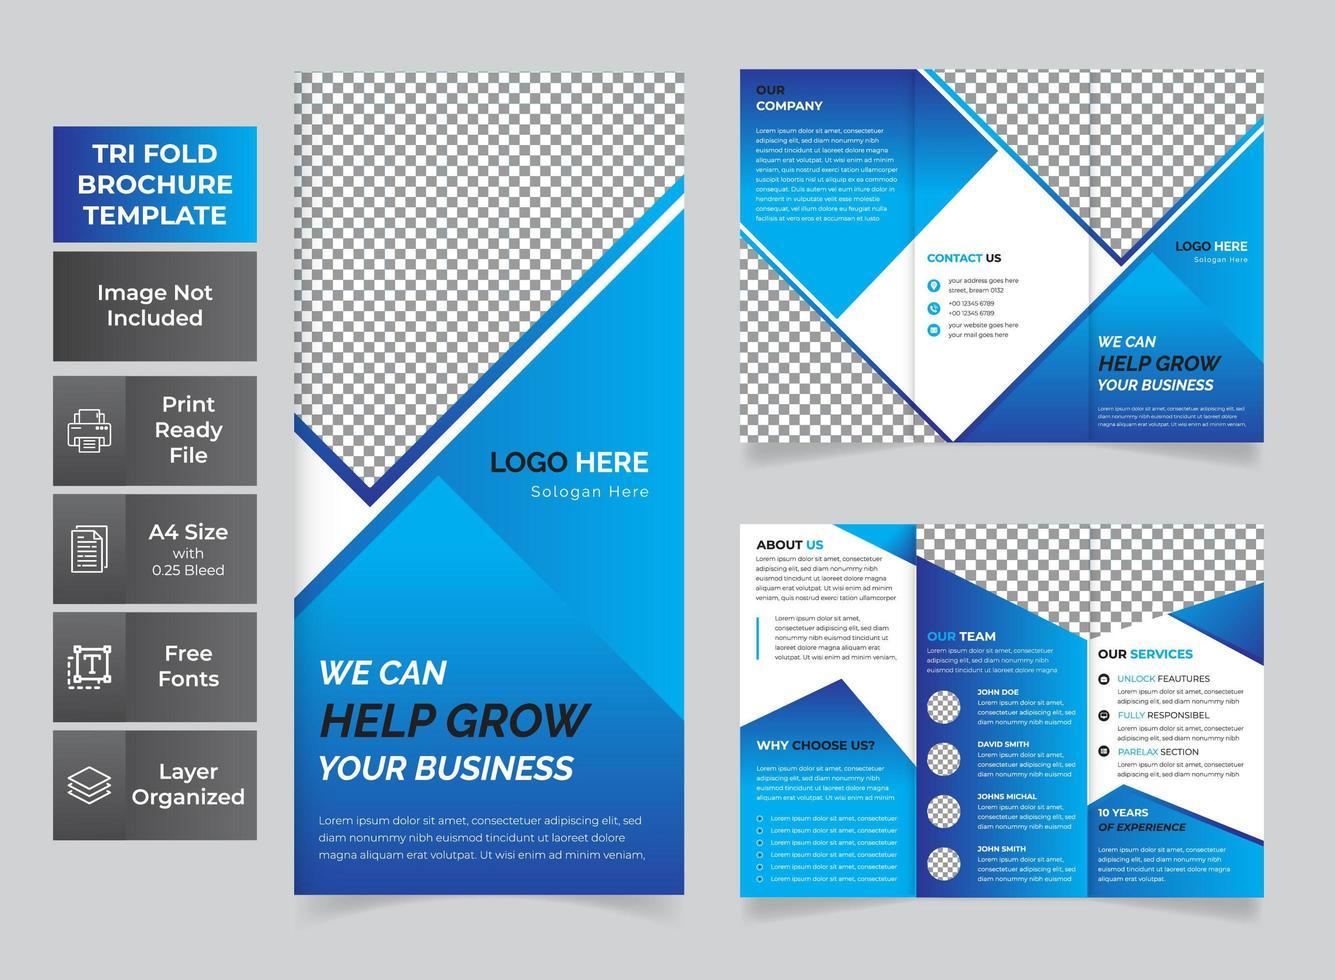 folleto tríptico de negocios moderno azul vector